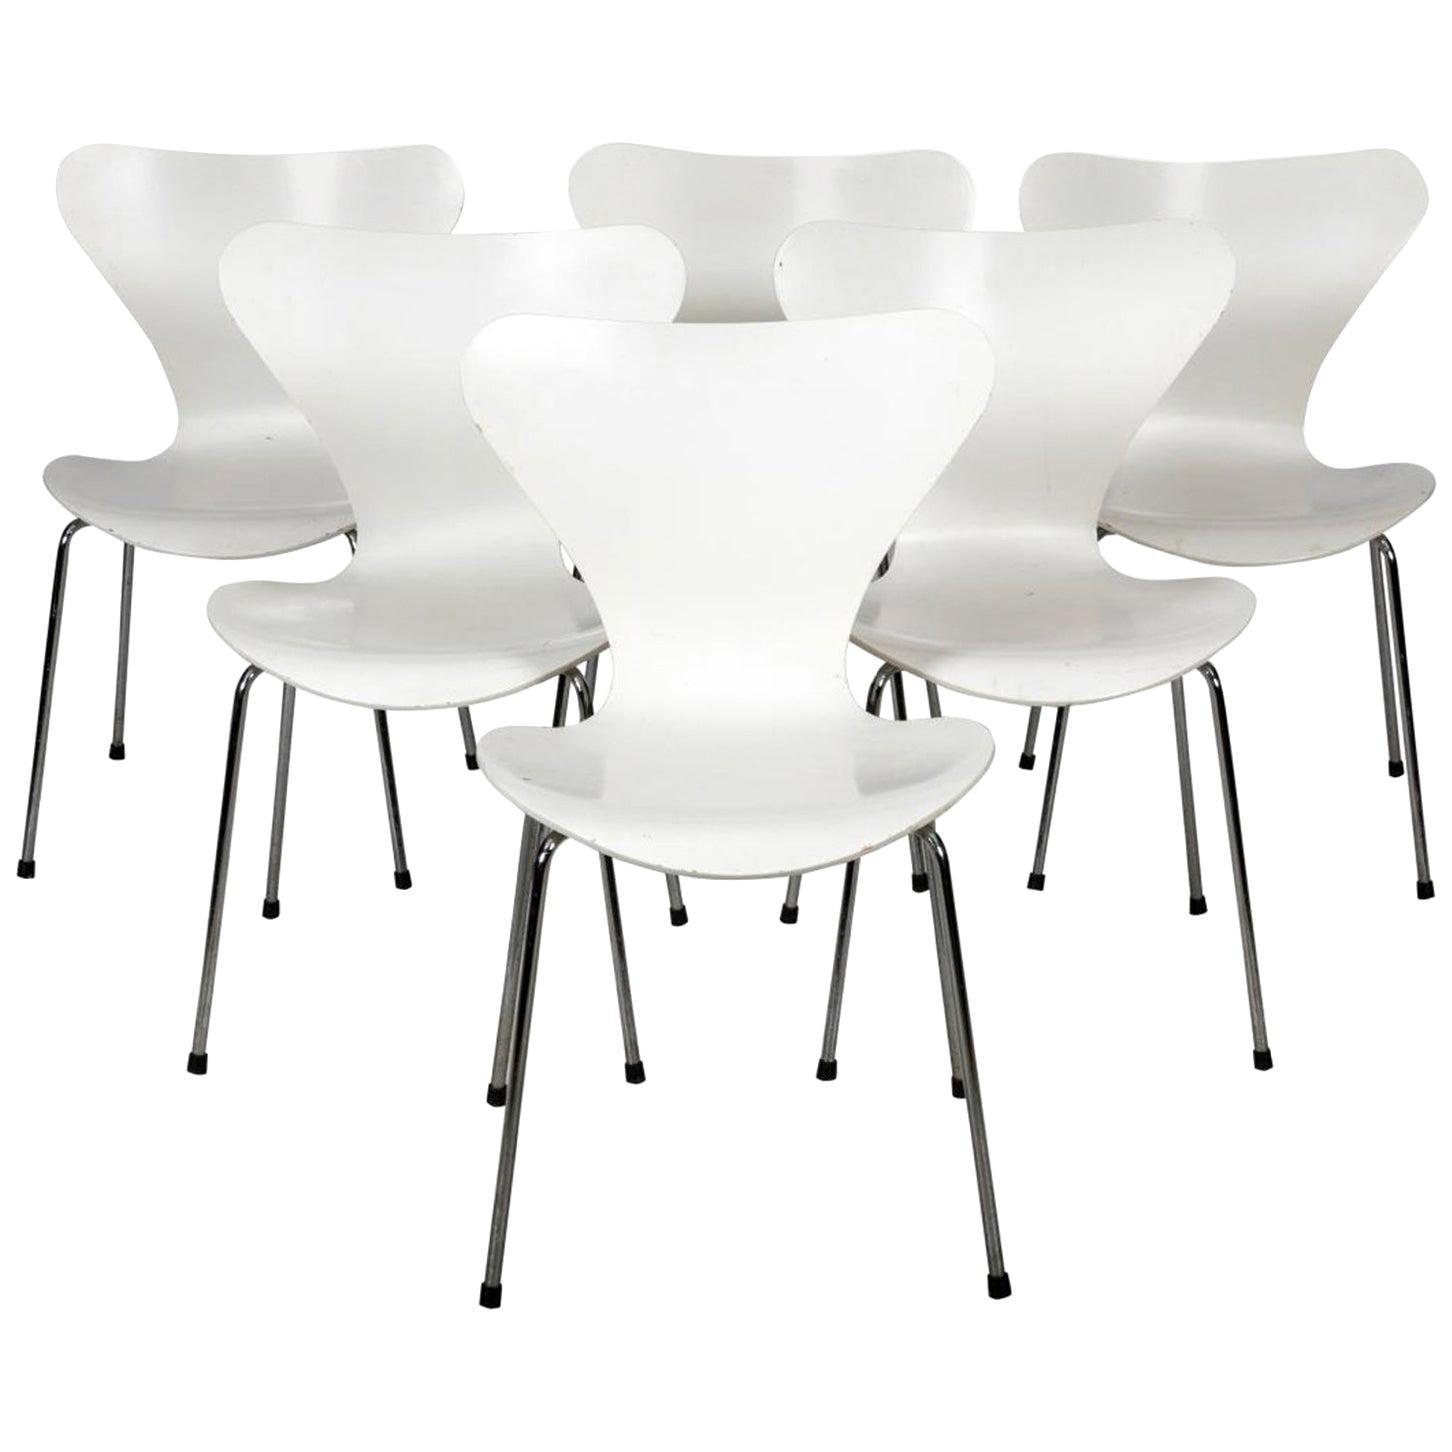 Six White Arne Jacobsen Chairs Series 7 for Fritz Hansen